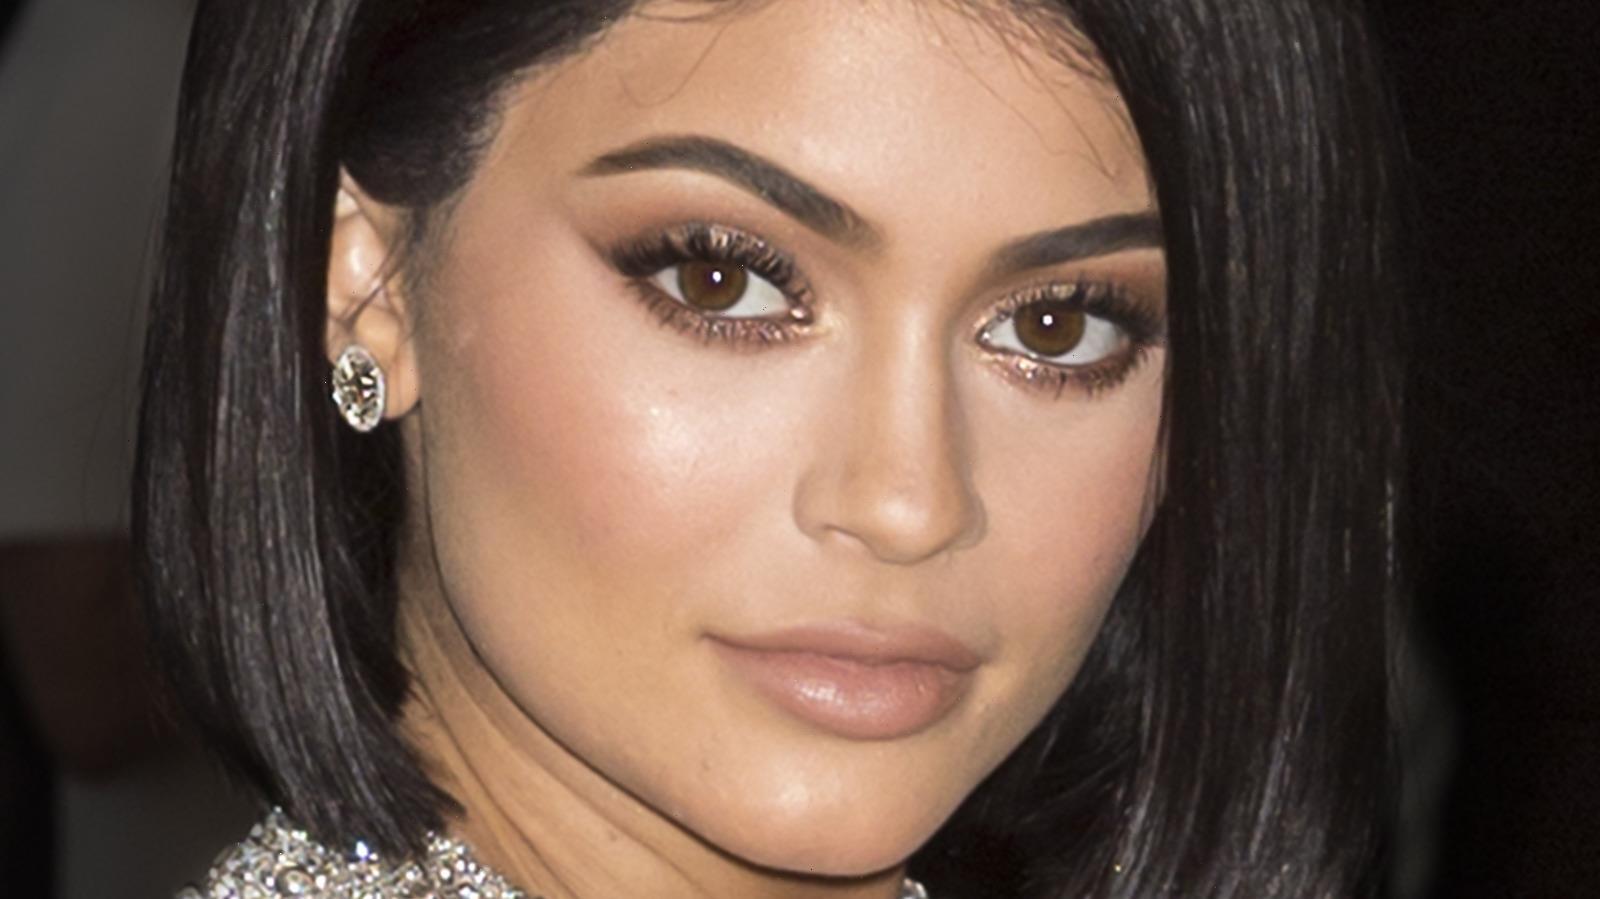 Is Kylie Jenner Still Friendly With Ex-Boyfriend Jaden Smith?